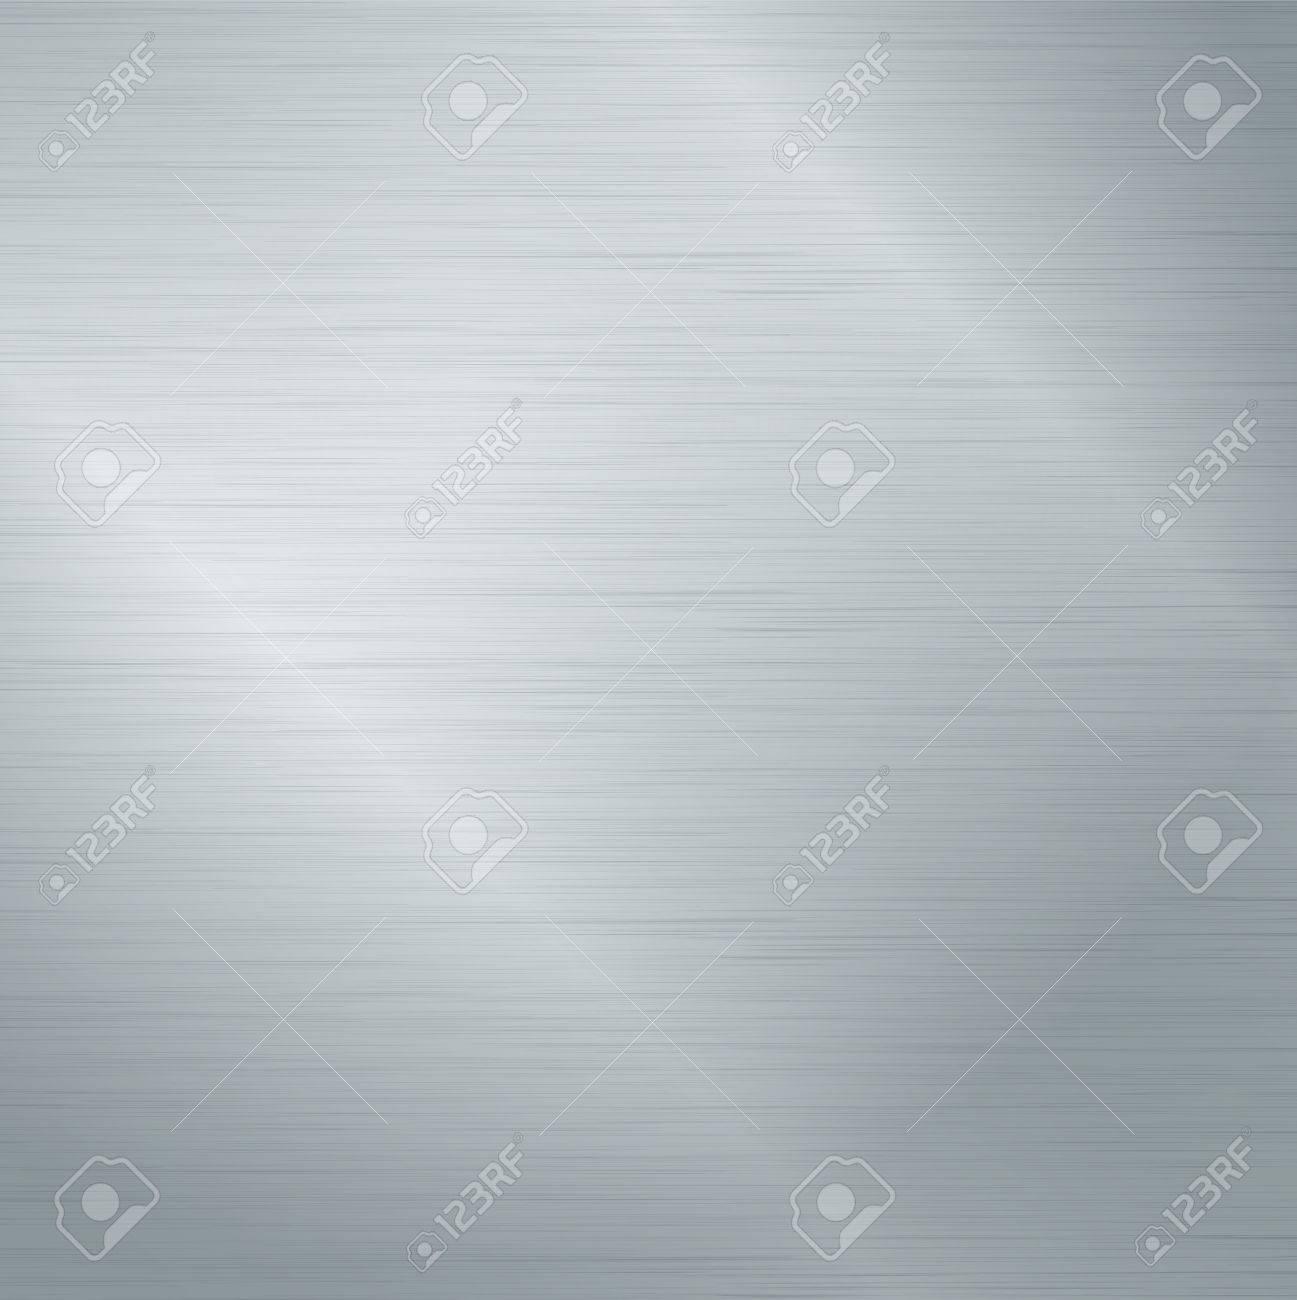 metal texture Vector Stock Vector - 22303121